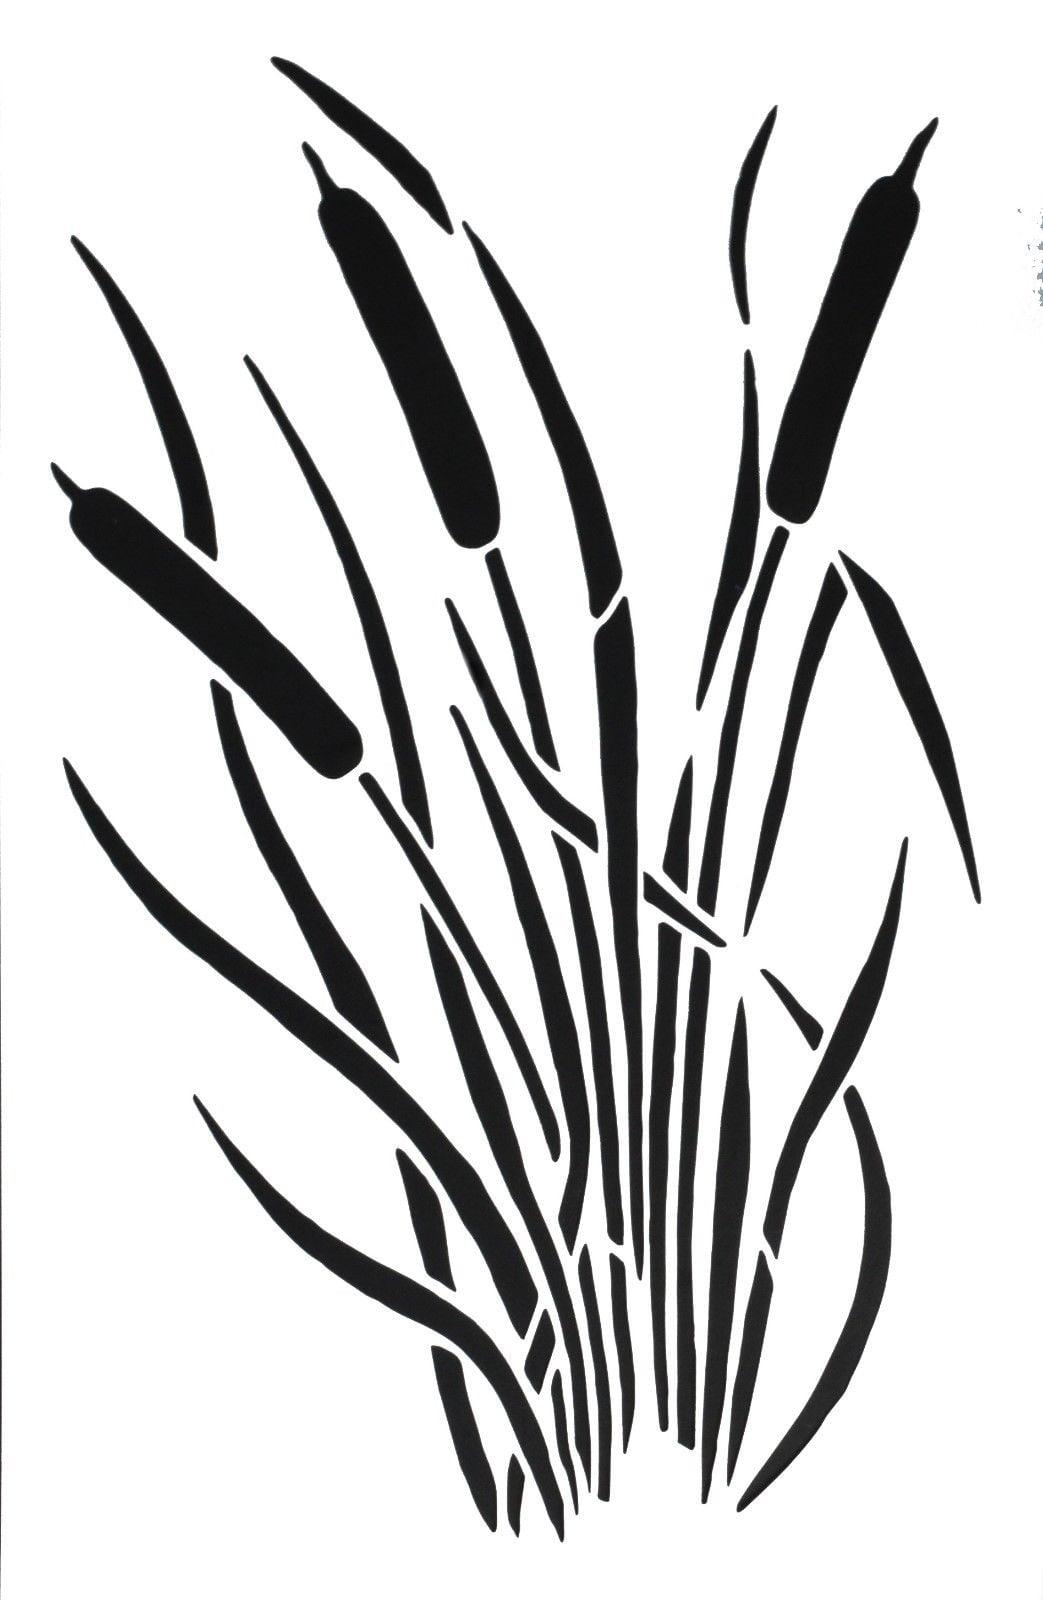 Spray Paint Camouflage Stencils Camo Jon Duck Boat Cattail Fern 5